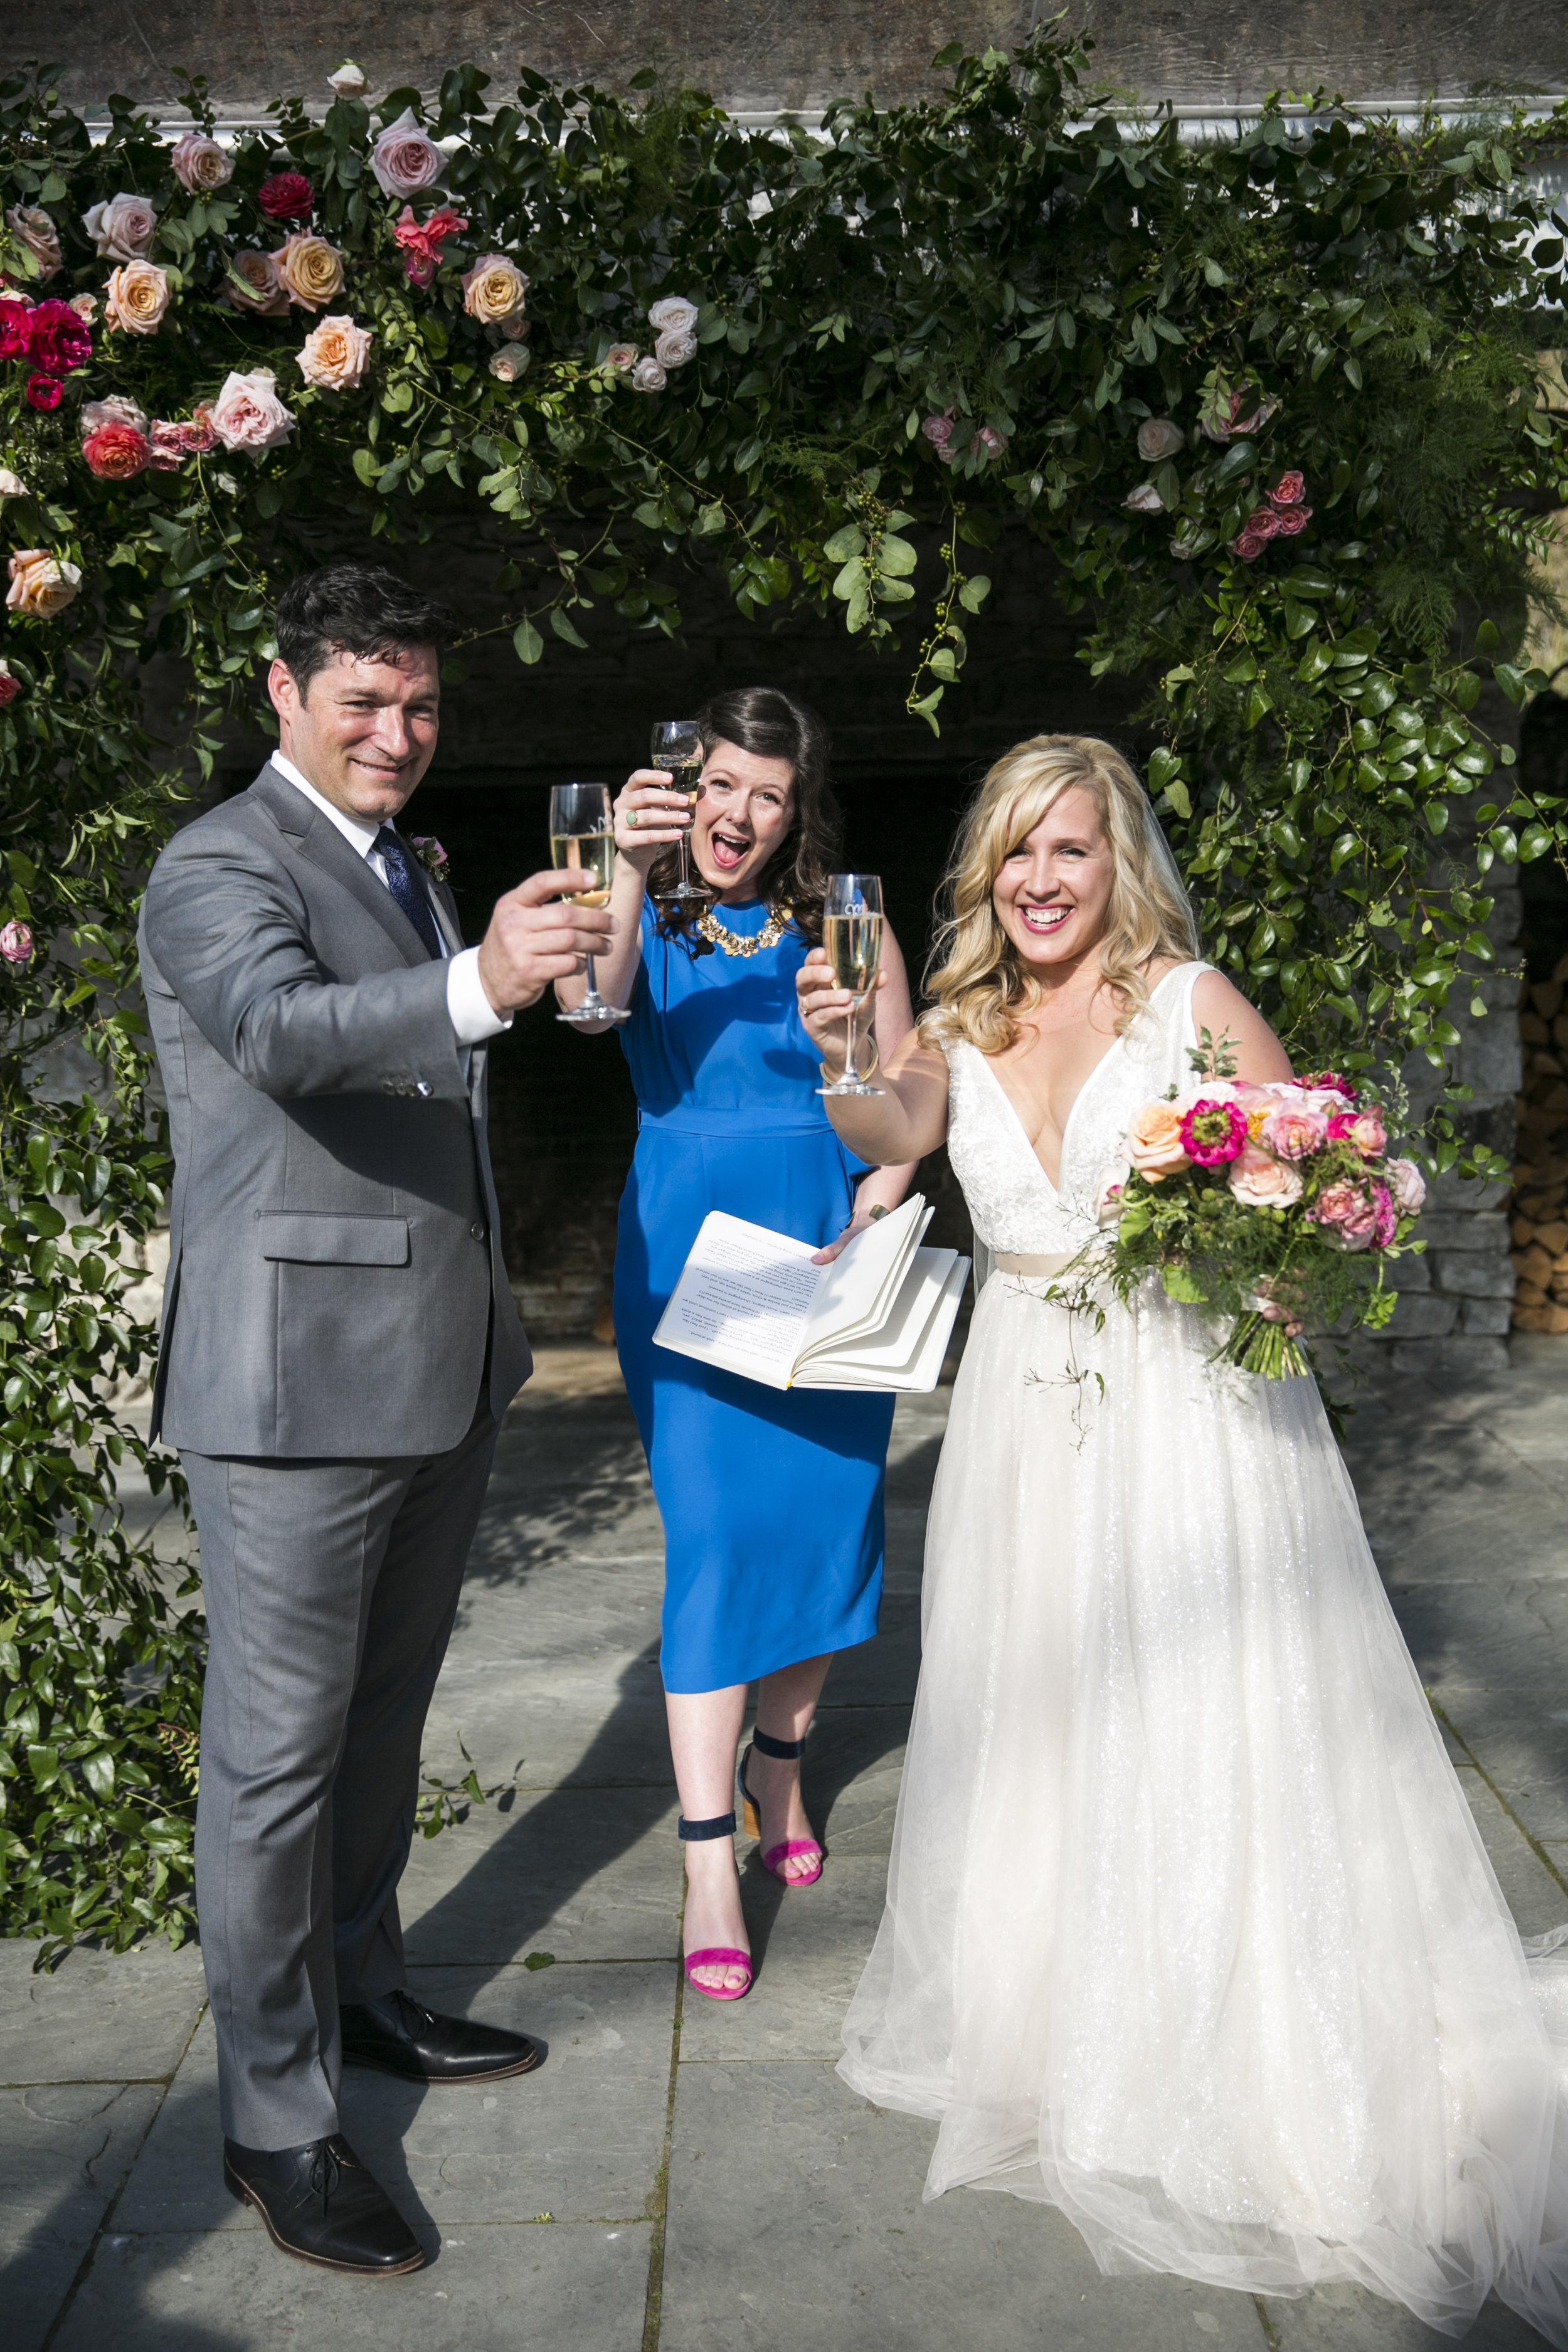 Roche-Harbor-Hull-Varnes-Wedding-0112Katie-Parra.JPG